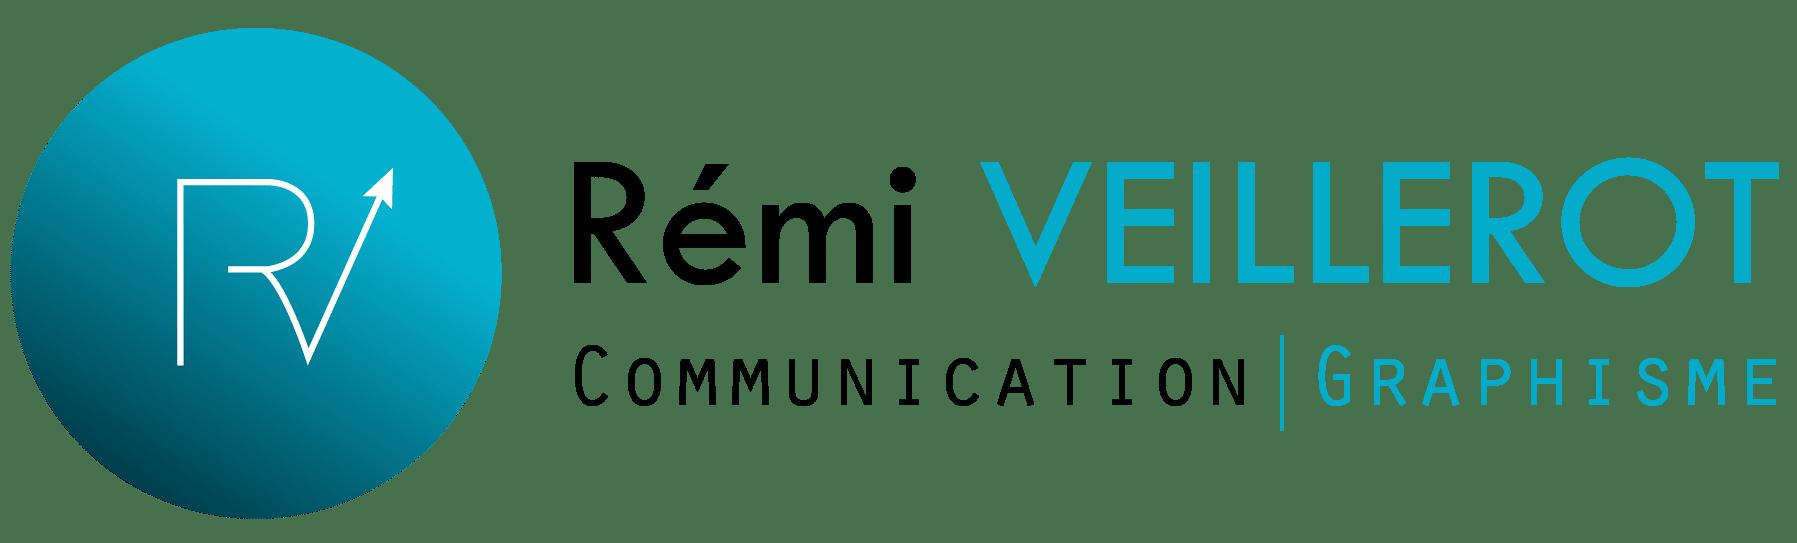 Rémi | Graphiste Freelance & Consultant Communication